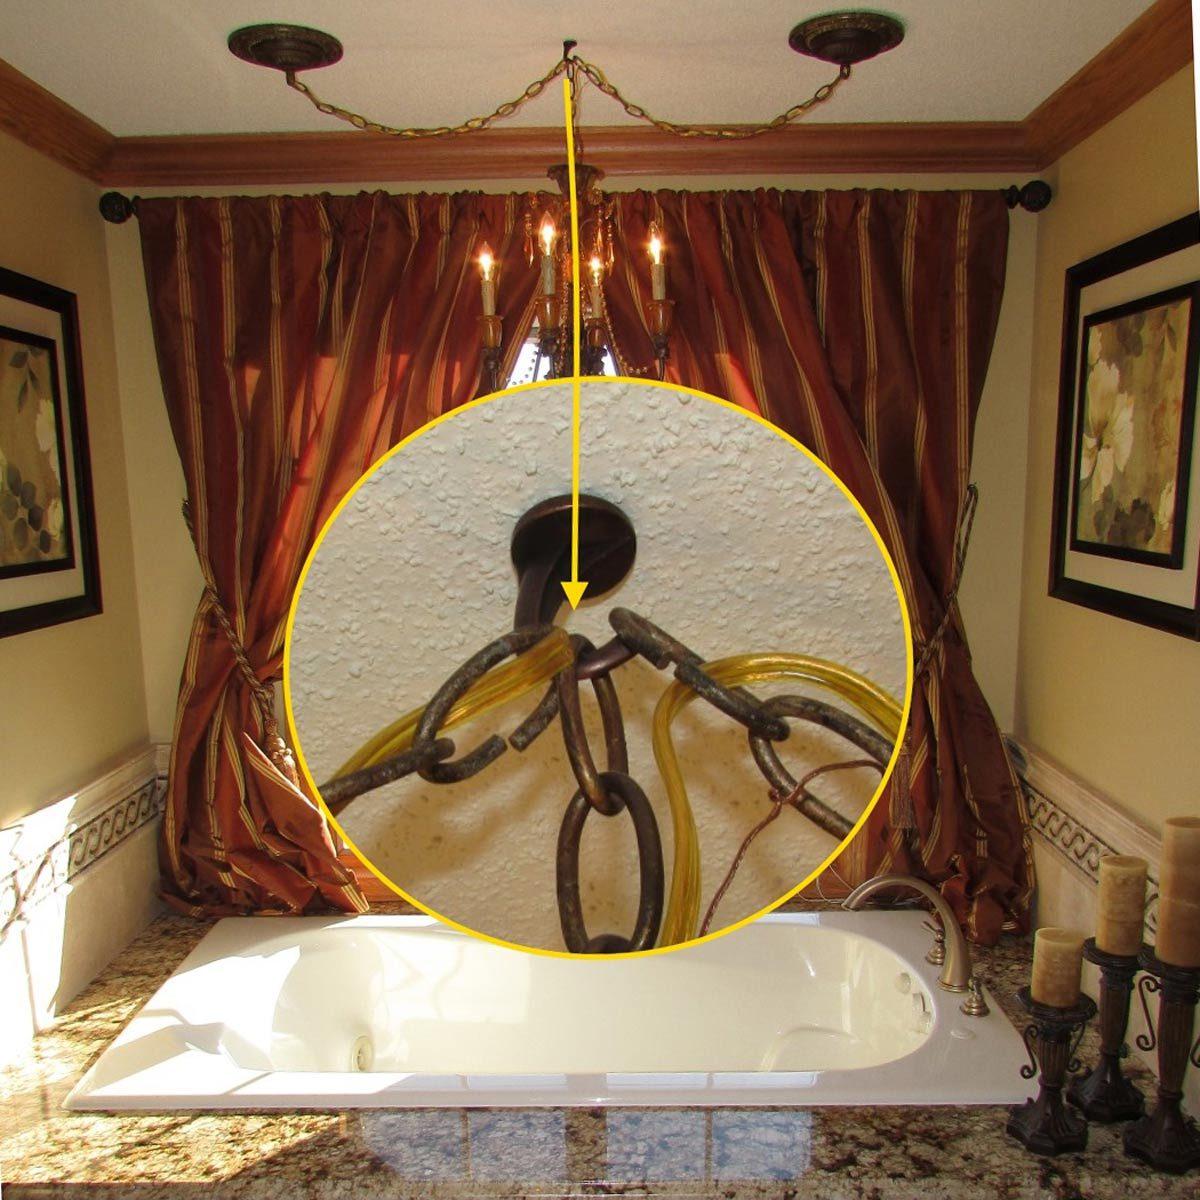 chandelier above bathtub